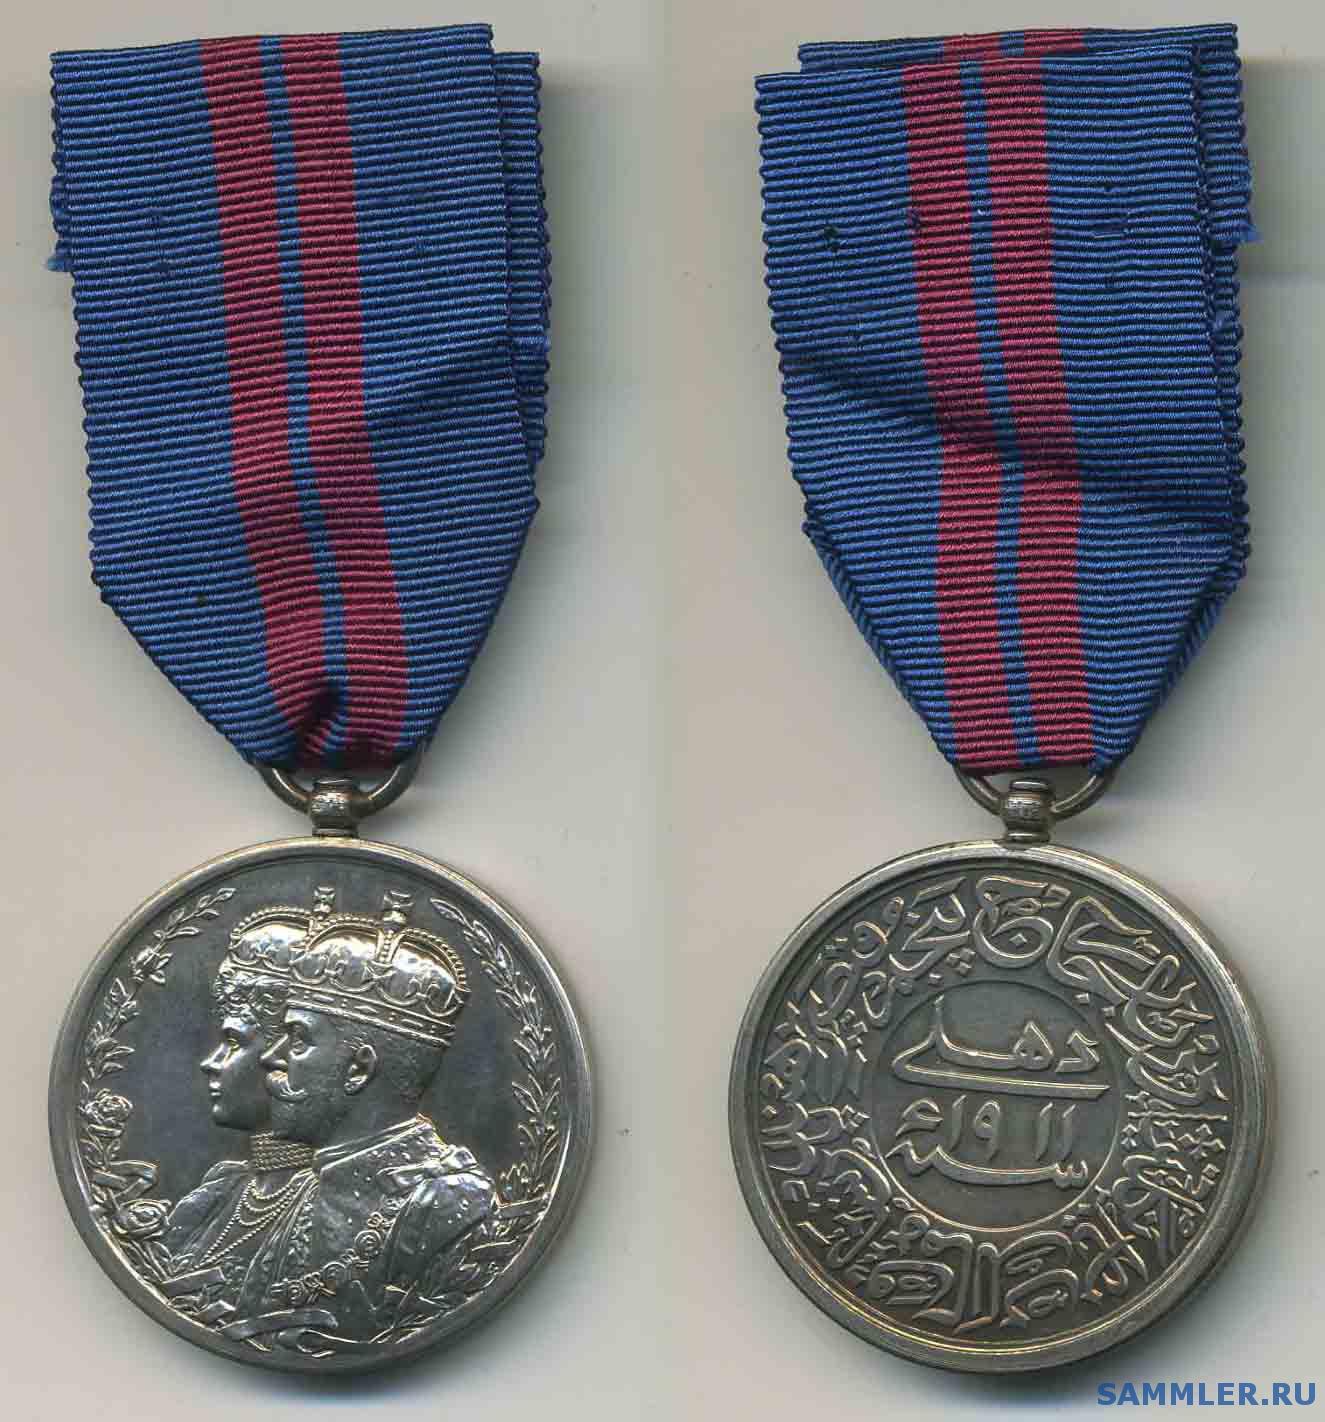 Coronation_1911_Delhi_Durbar_Medal.jpg